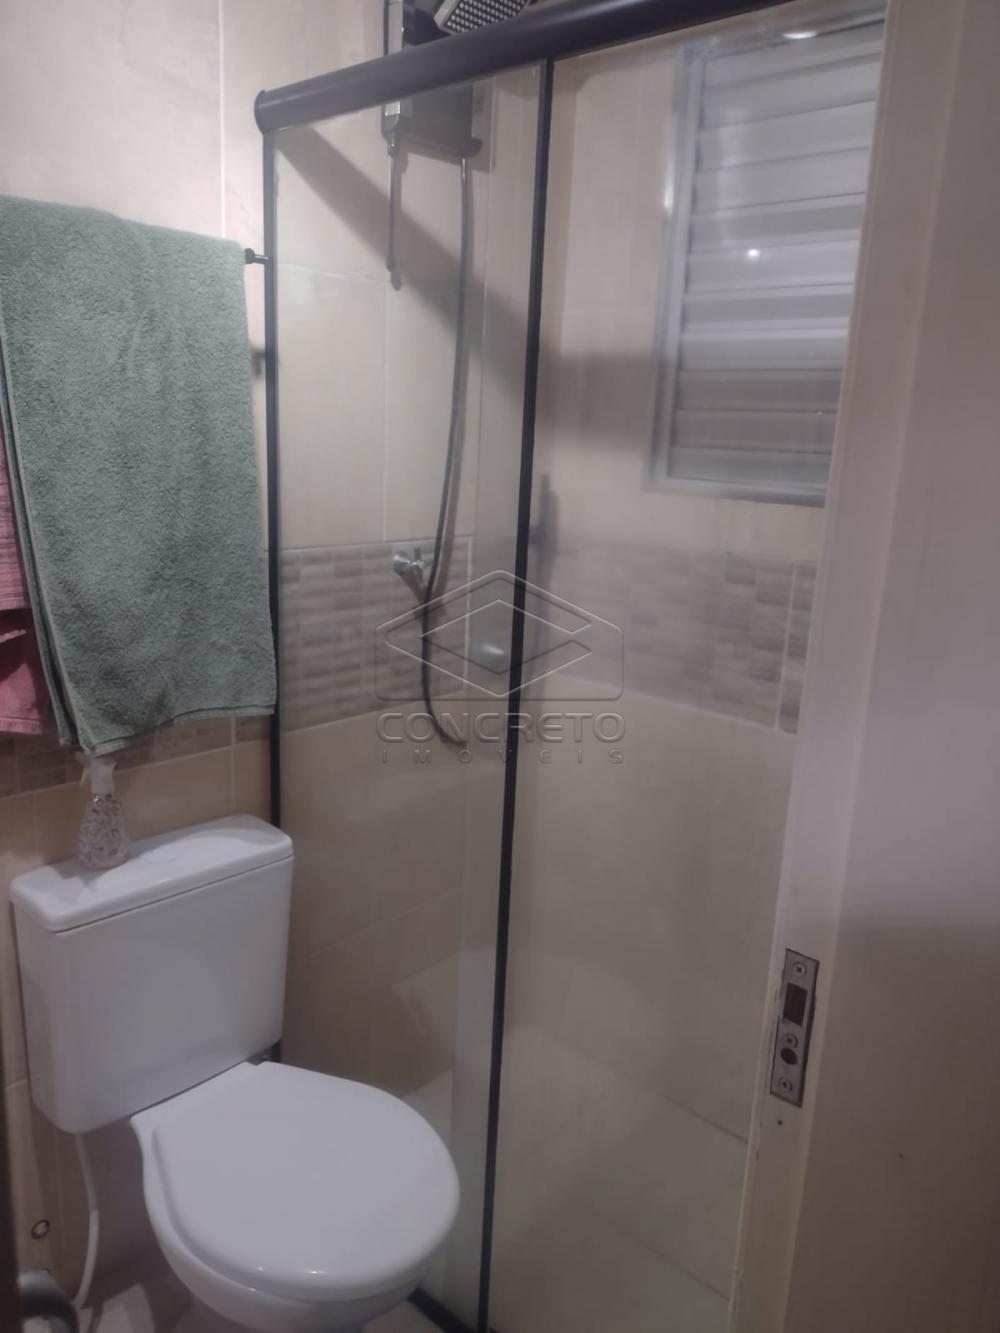 Comprar Apartamento / Padrão em Bauru R$ 450.000,00 - Foto 8